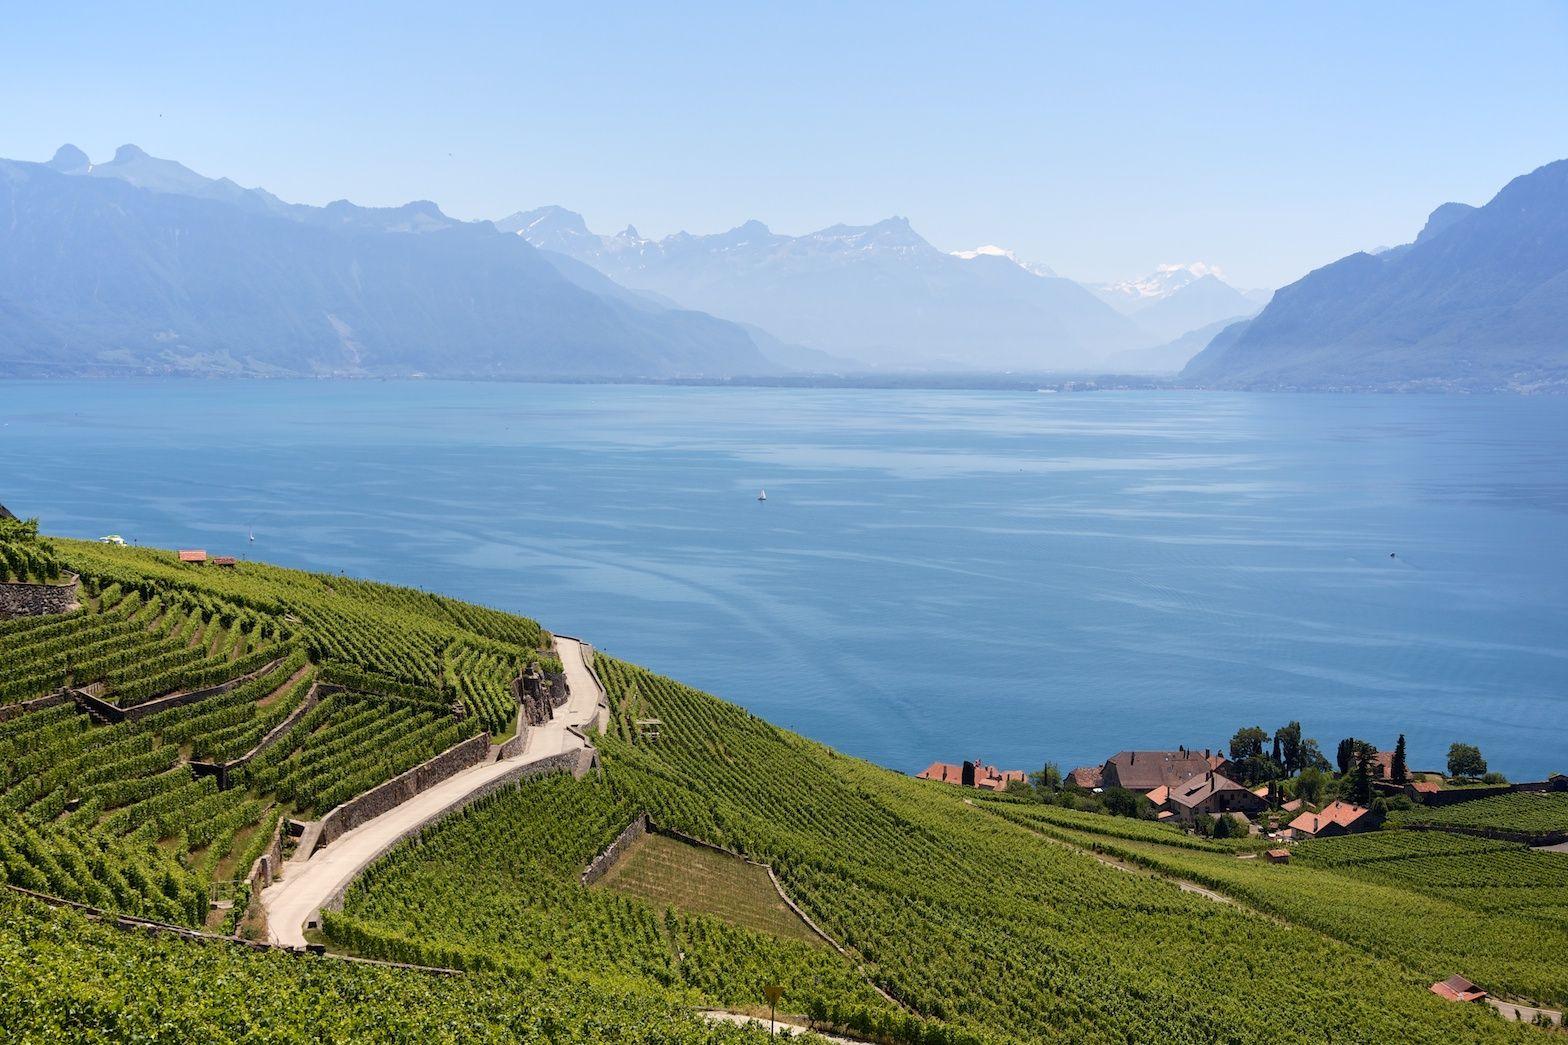 Randonnee Dans Le Lavaux Autour Du Lac Leman En Suisse Lausanne Travel Photo